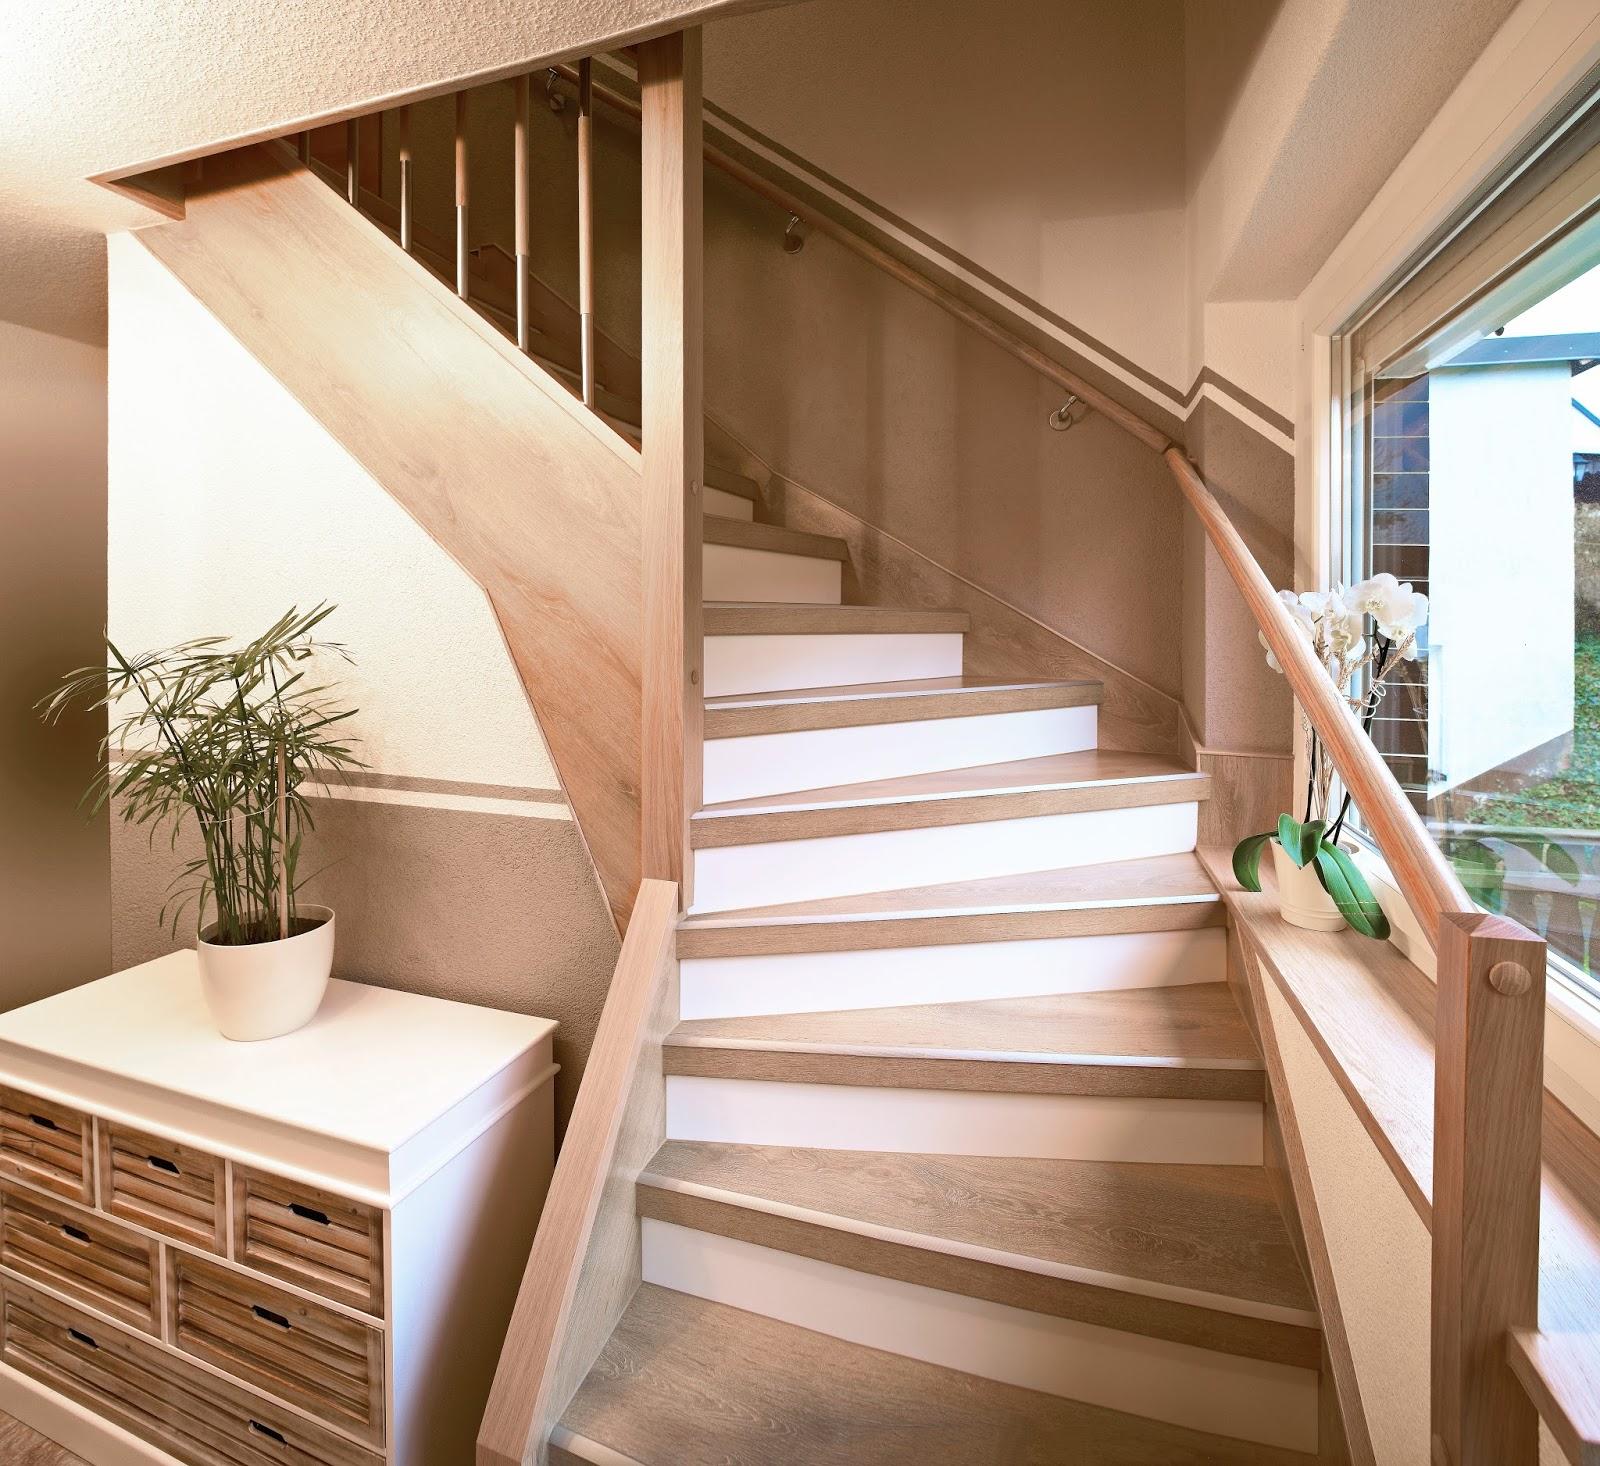 h&k treppenrenovierung: laminat auf treppen? nur in ganzen platten